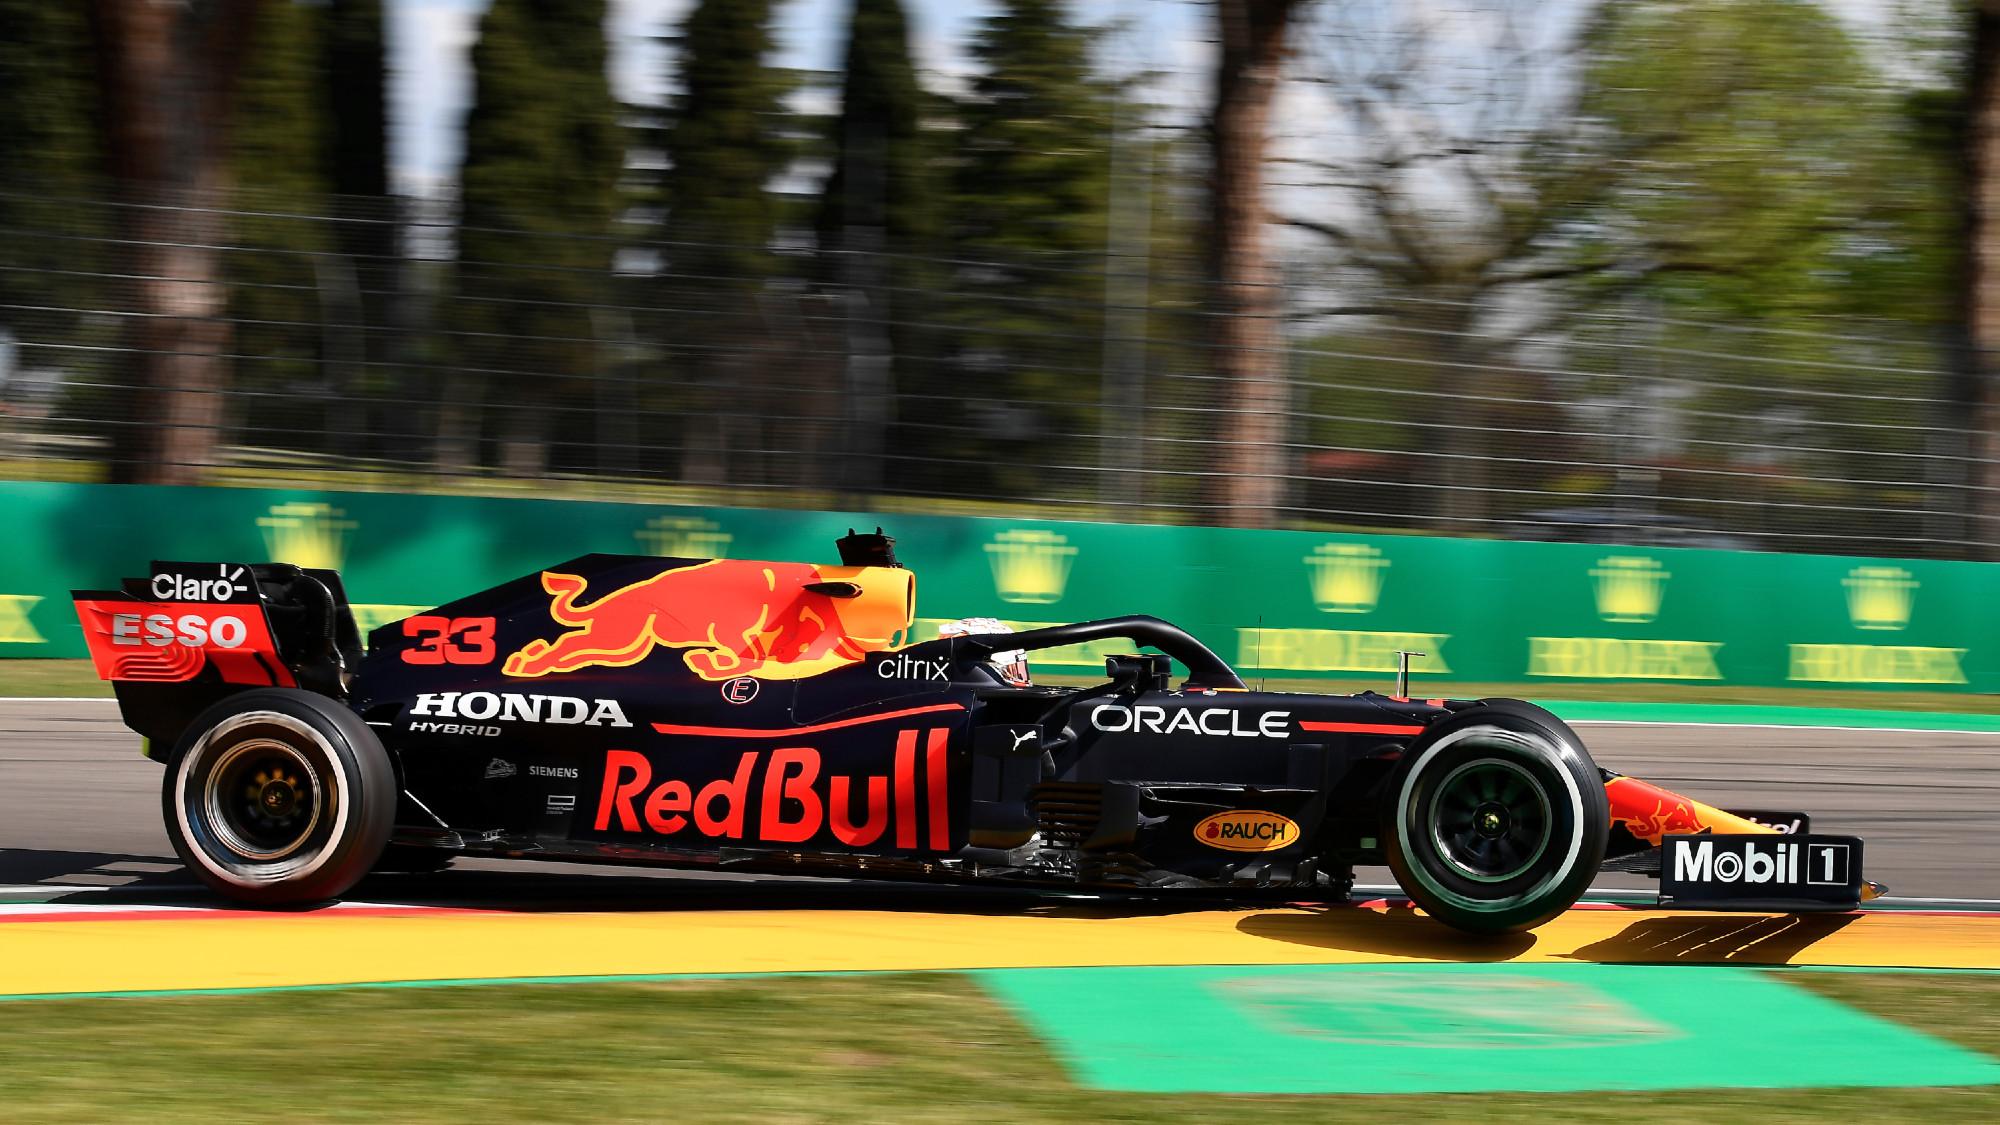 Max Verstappen, 2021 Emilia Romagna GP